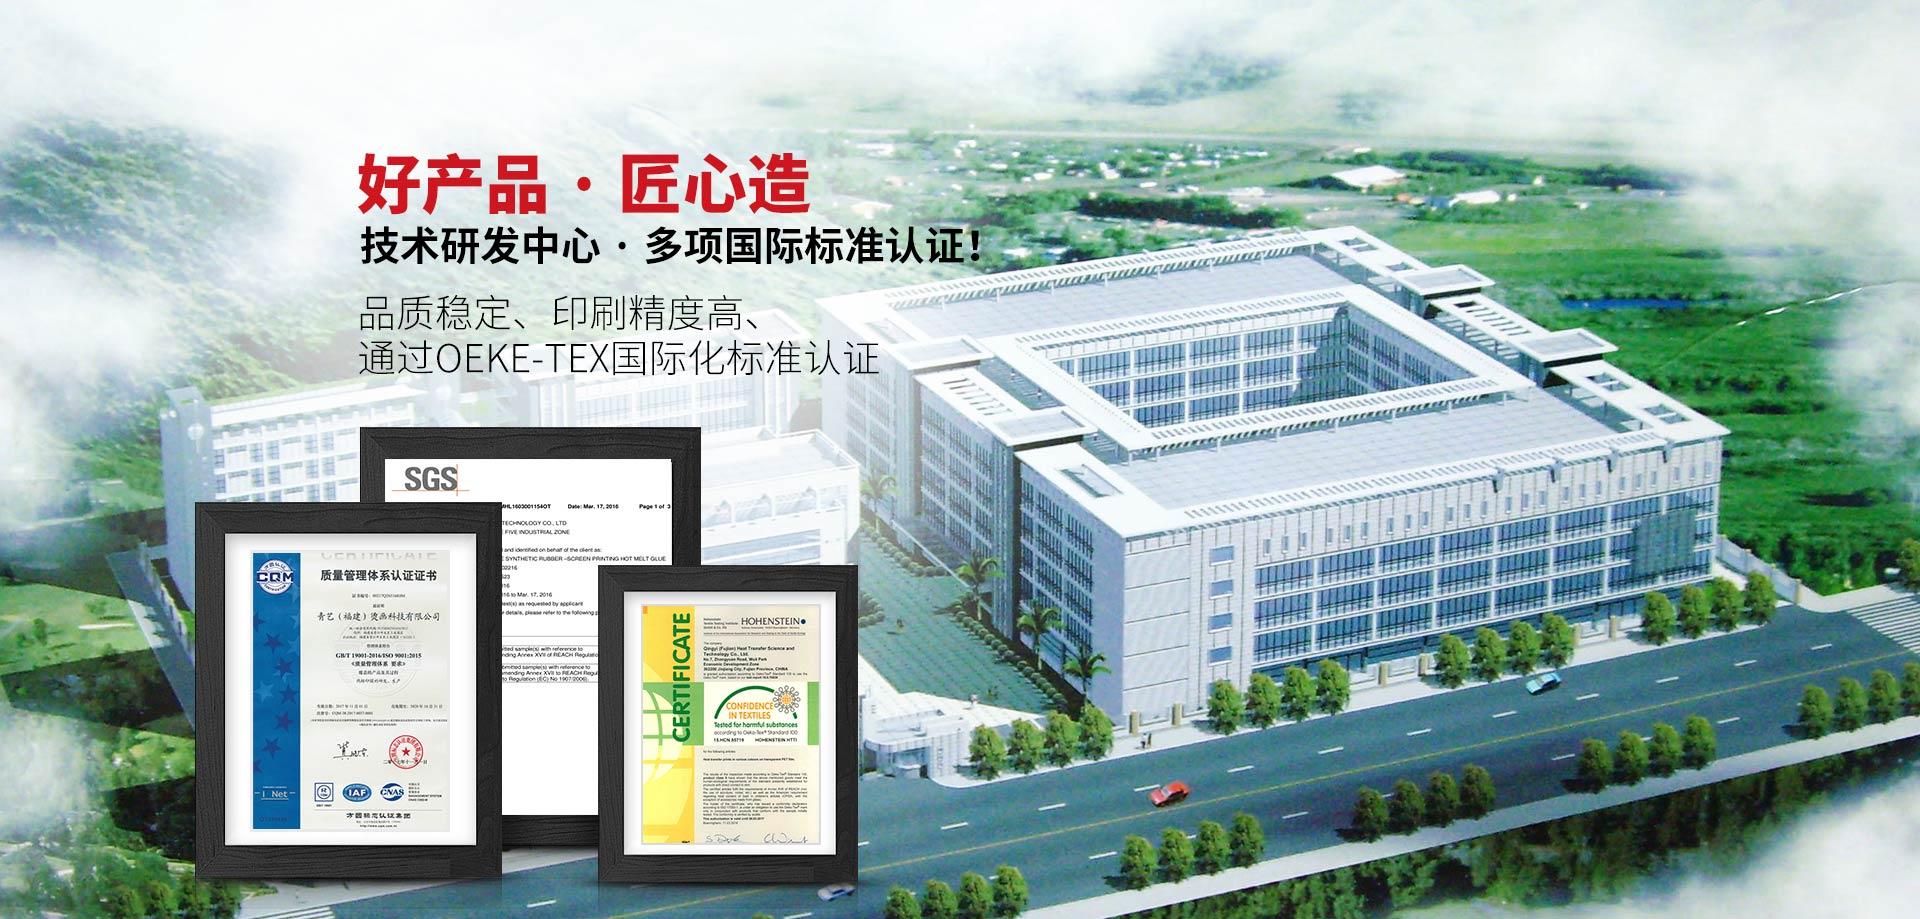 青艺烫画-技术研发中心 · 多项国际标准认证!